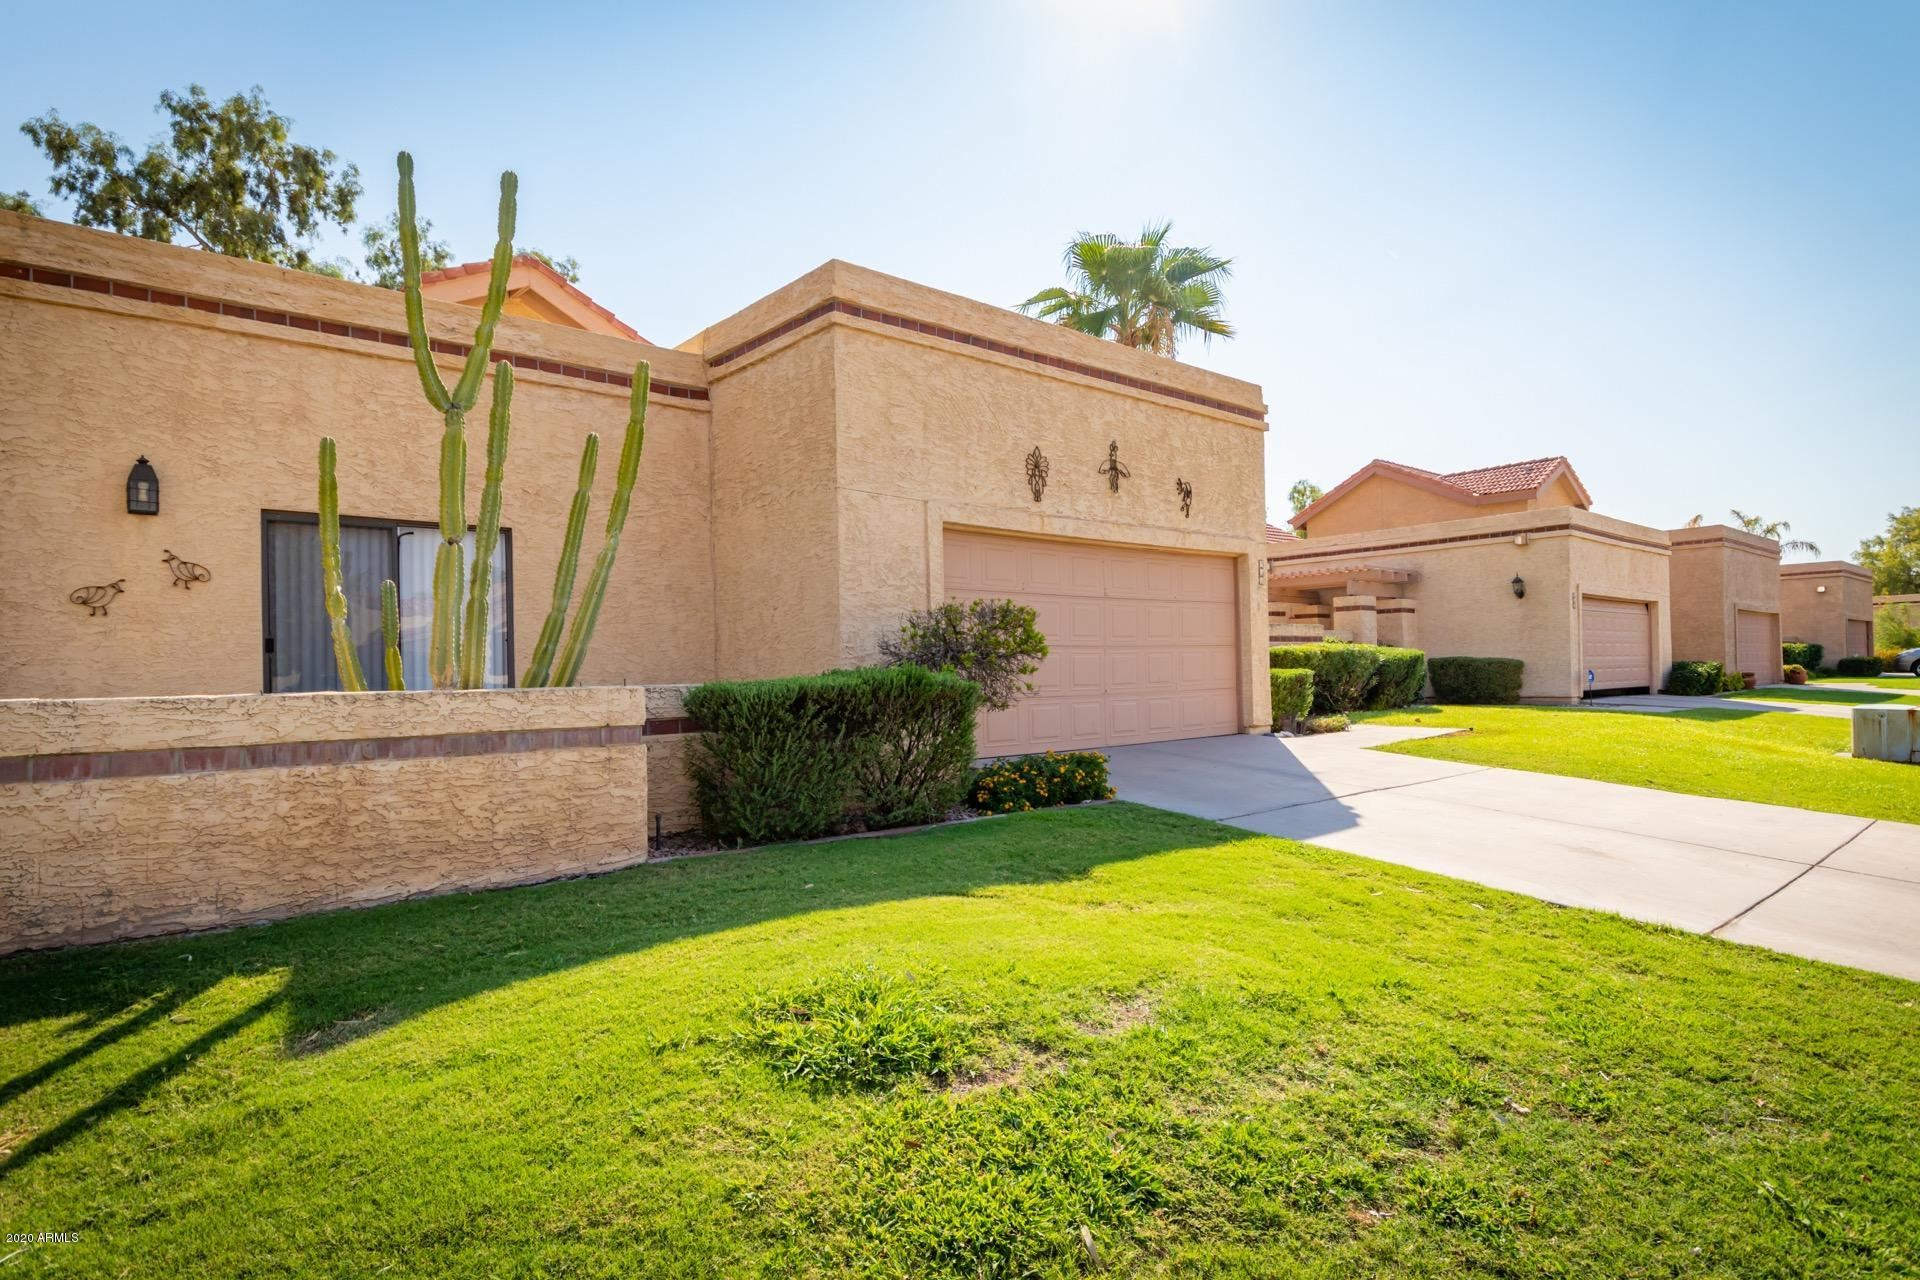 537 N FOUNTAIN Circle, Chandler, AZ 85226 - MLS#: 6119994